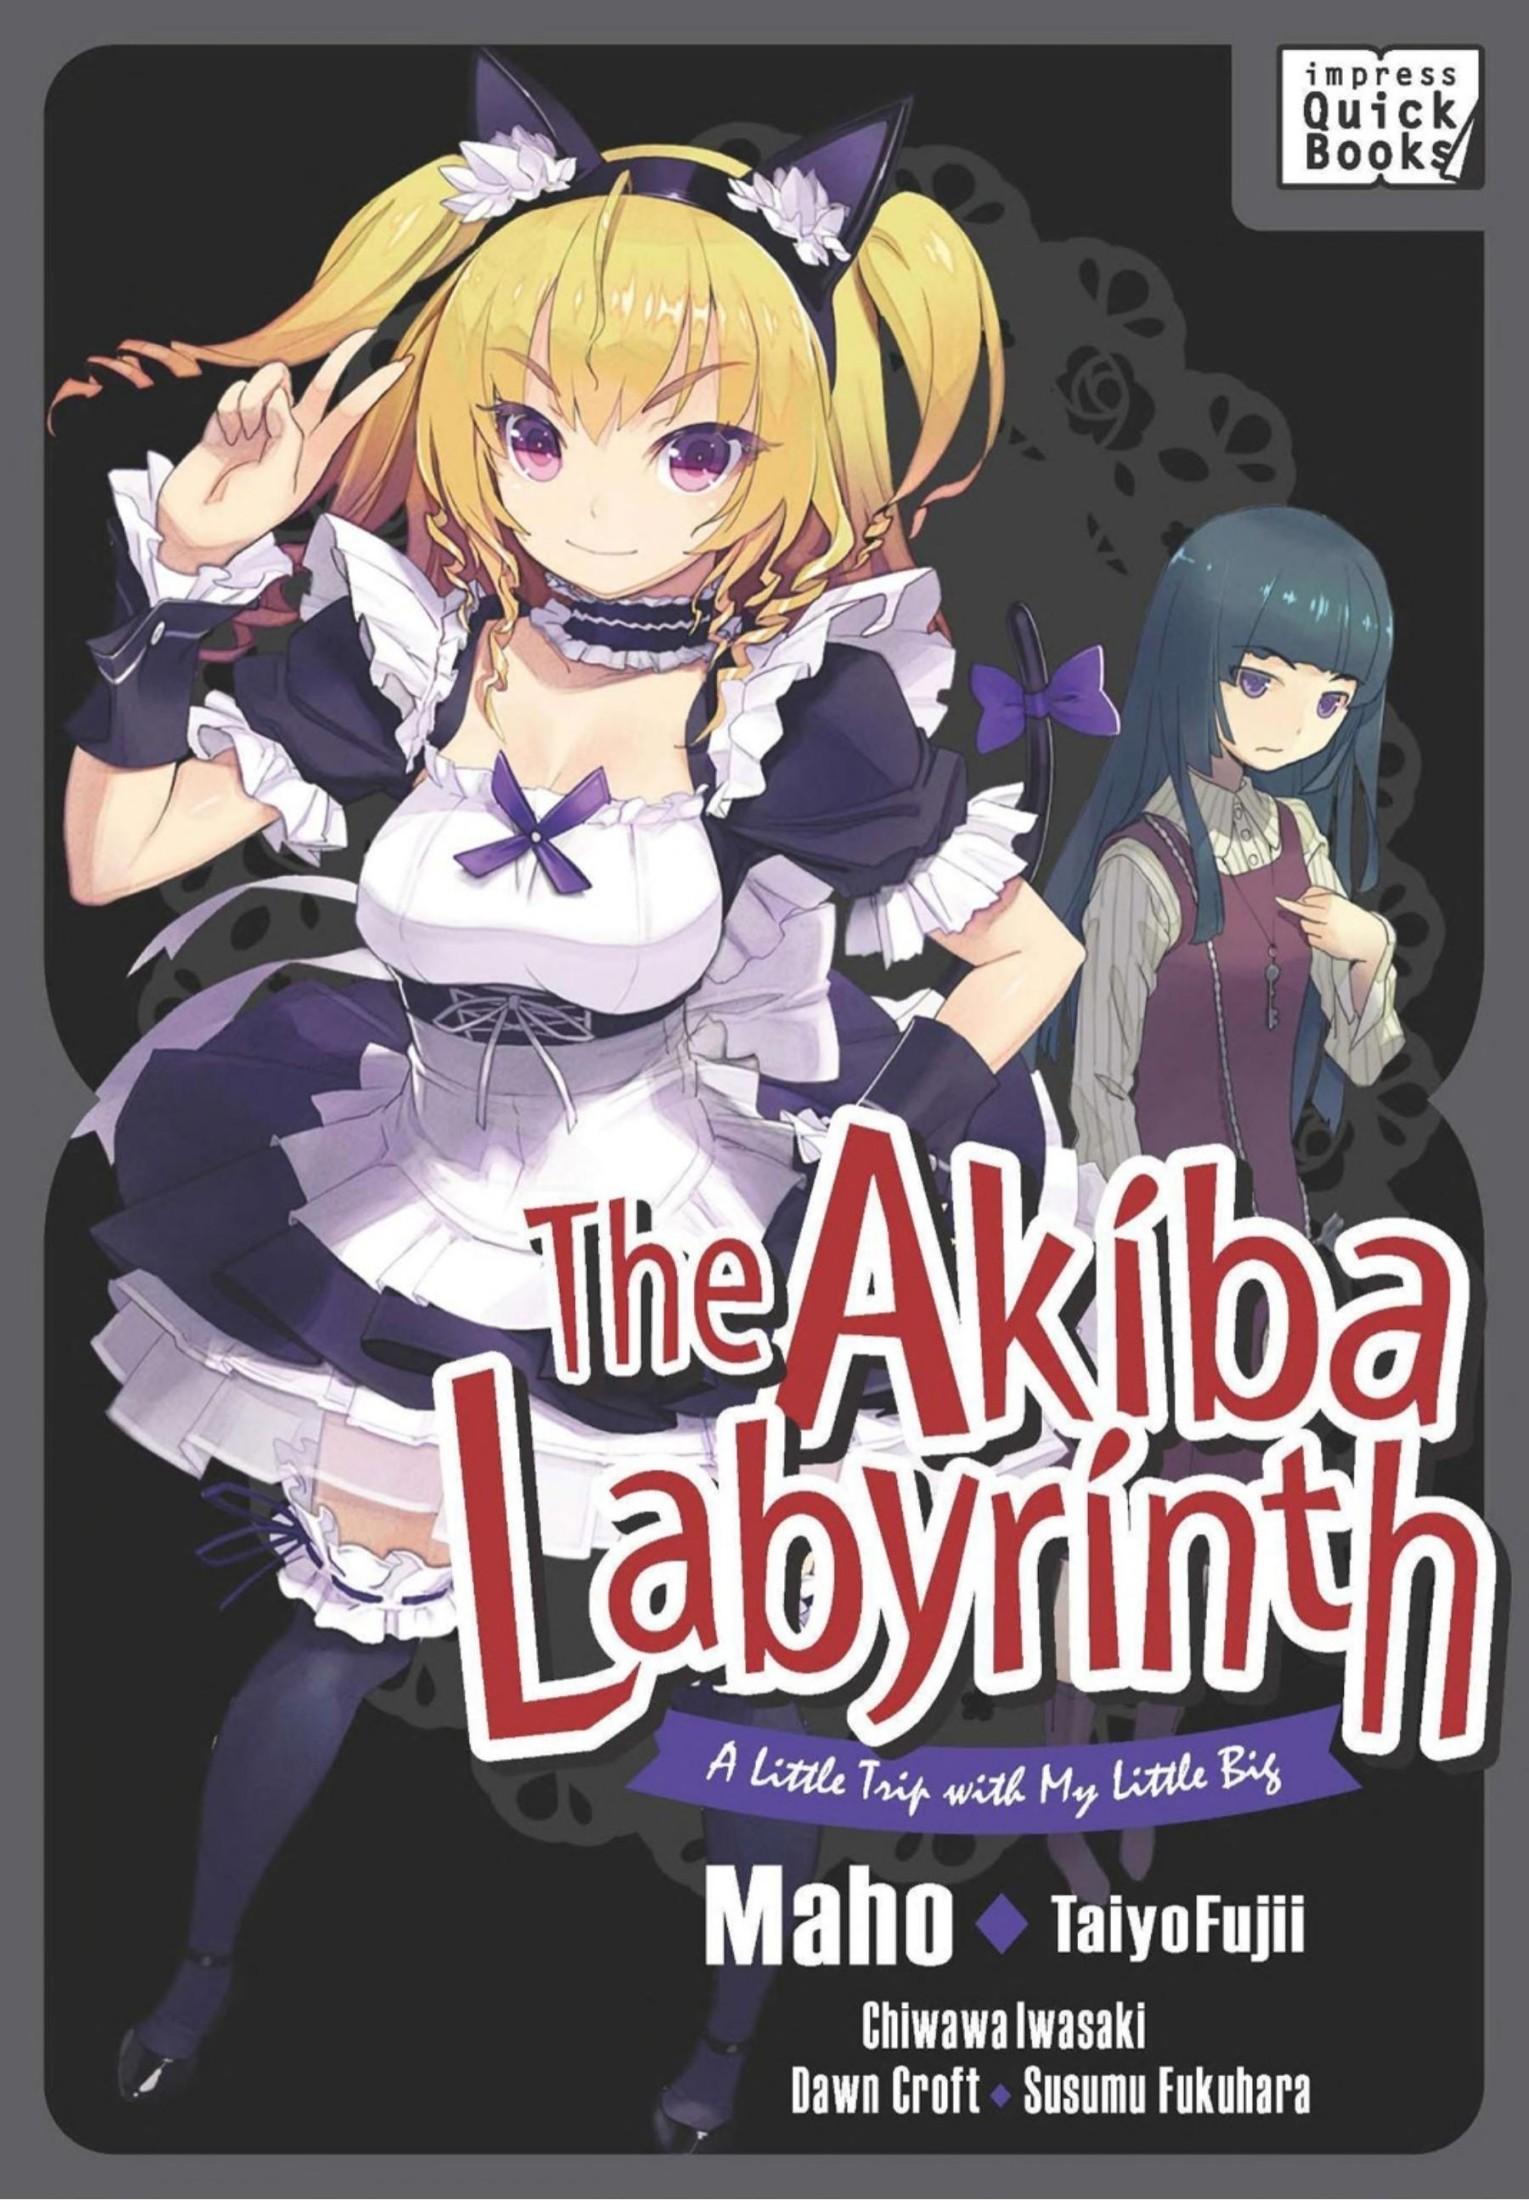 Das Cover von The Akiba Labyrinth - A Little Trip with my Little Big von Impress Quick Books